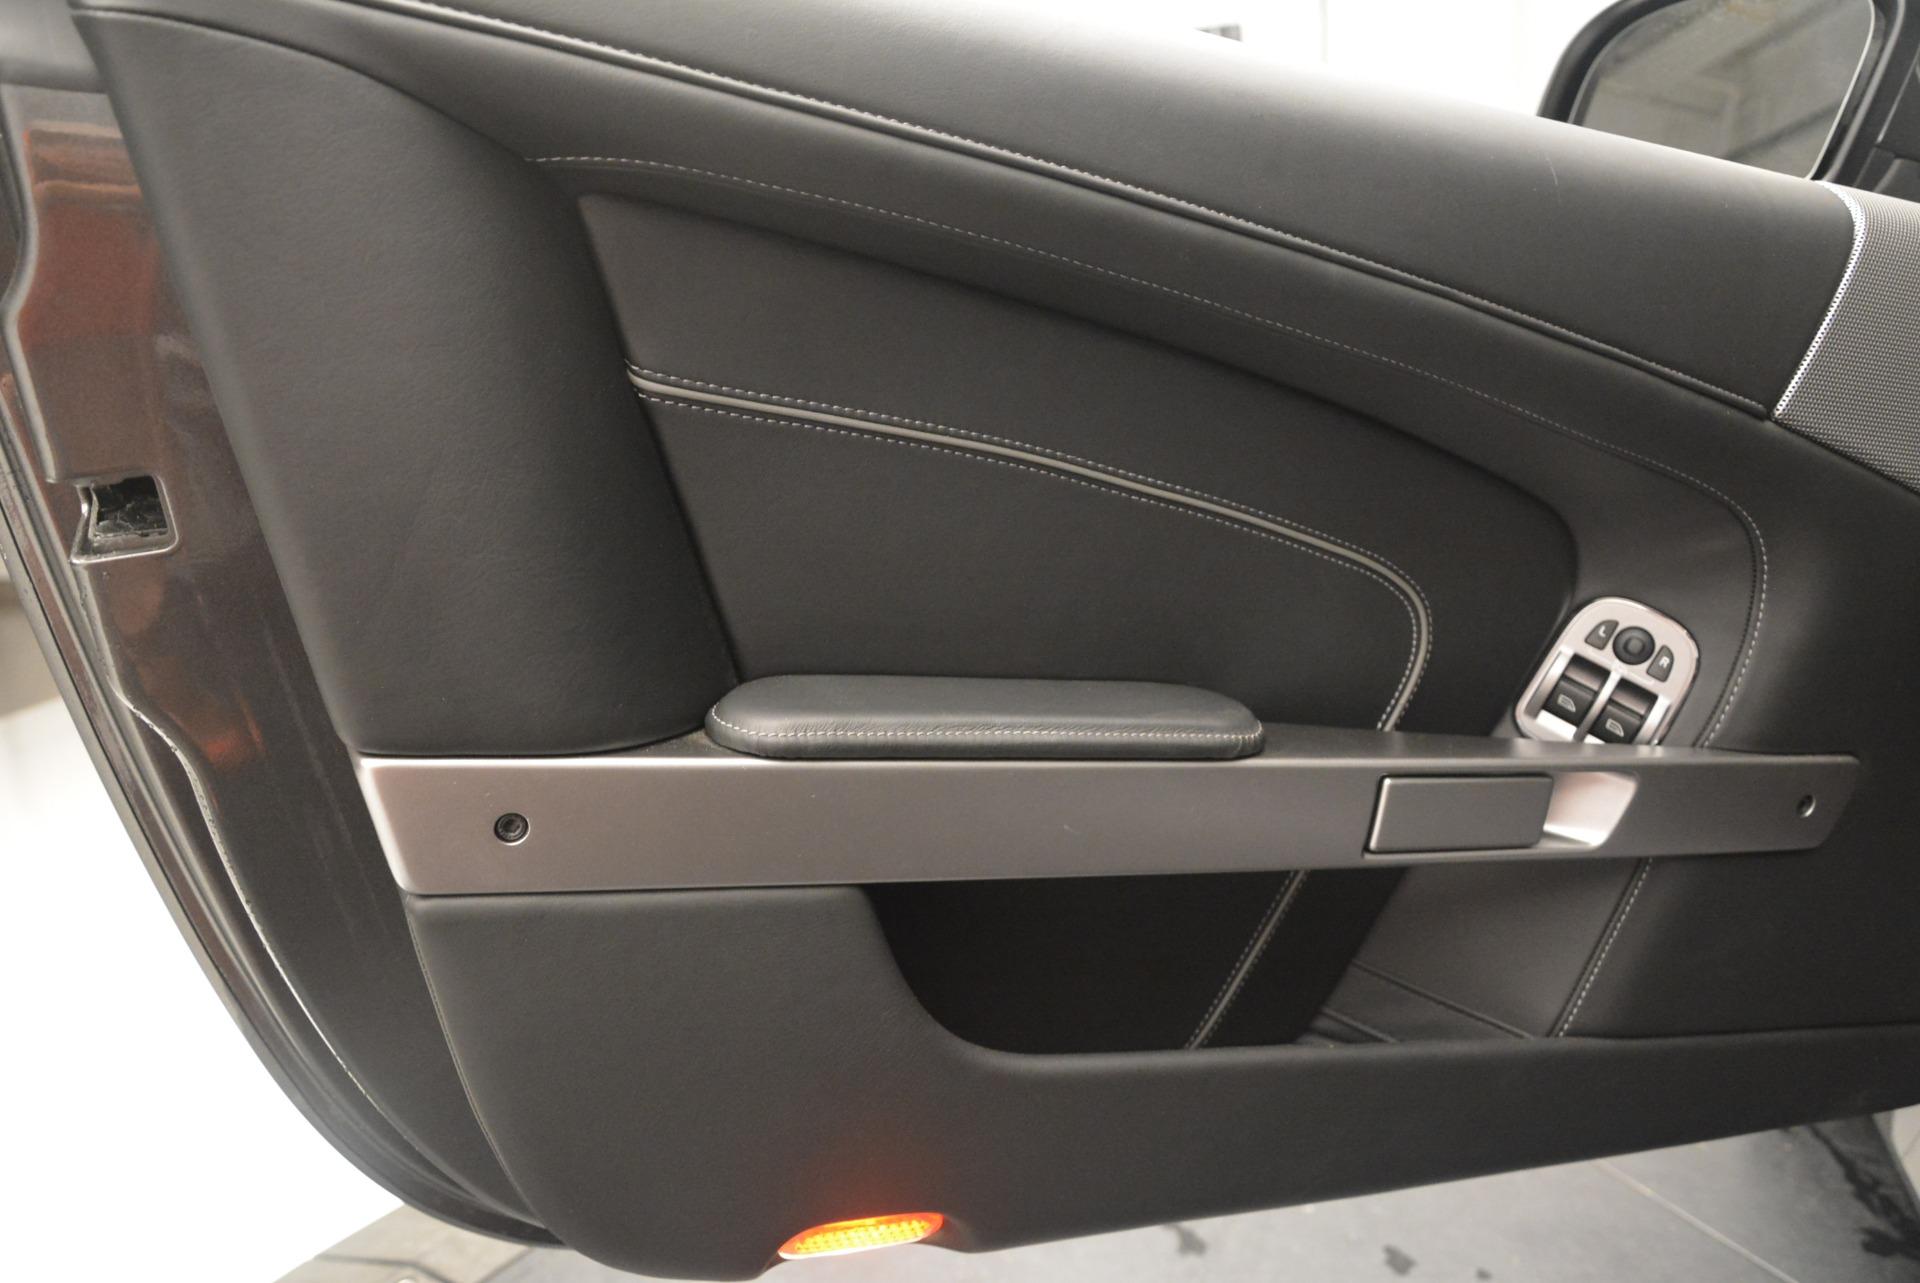 Used 2014 Aston Martin DB9 Volante For Sale In Greenwich, CT 2319_p30